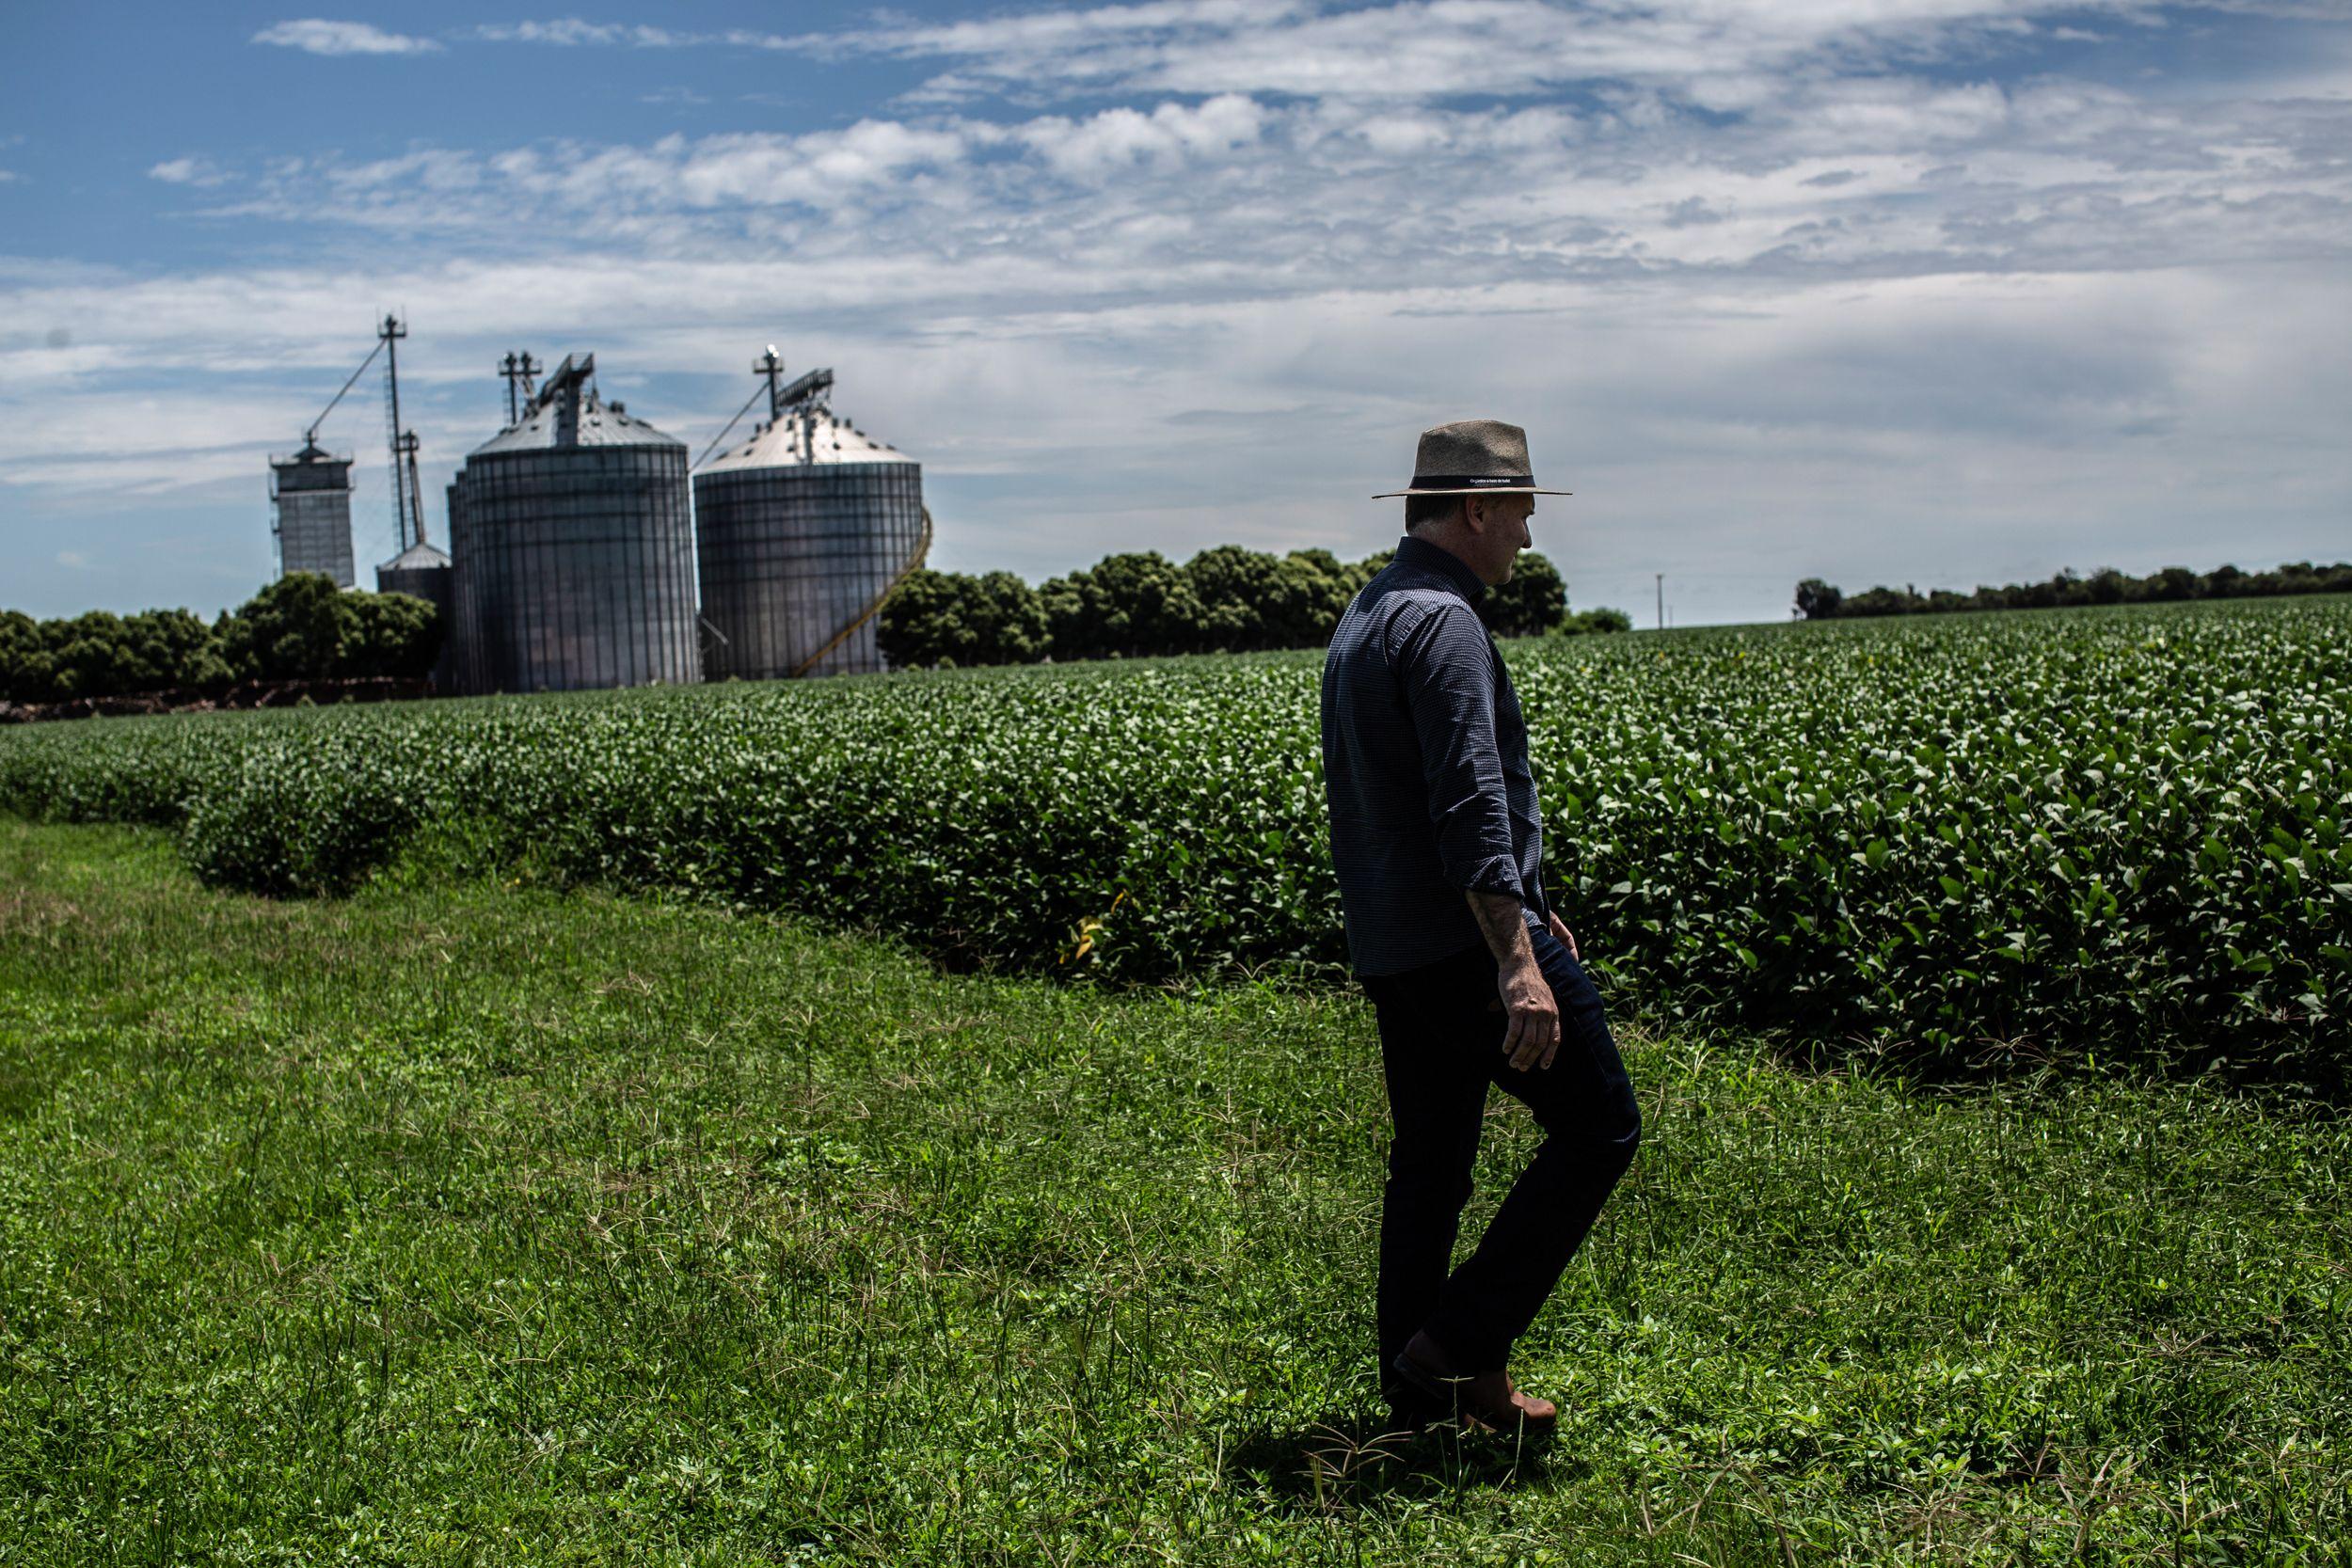 Juliani inspects his soybean farm in the Cerrado.